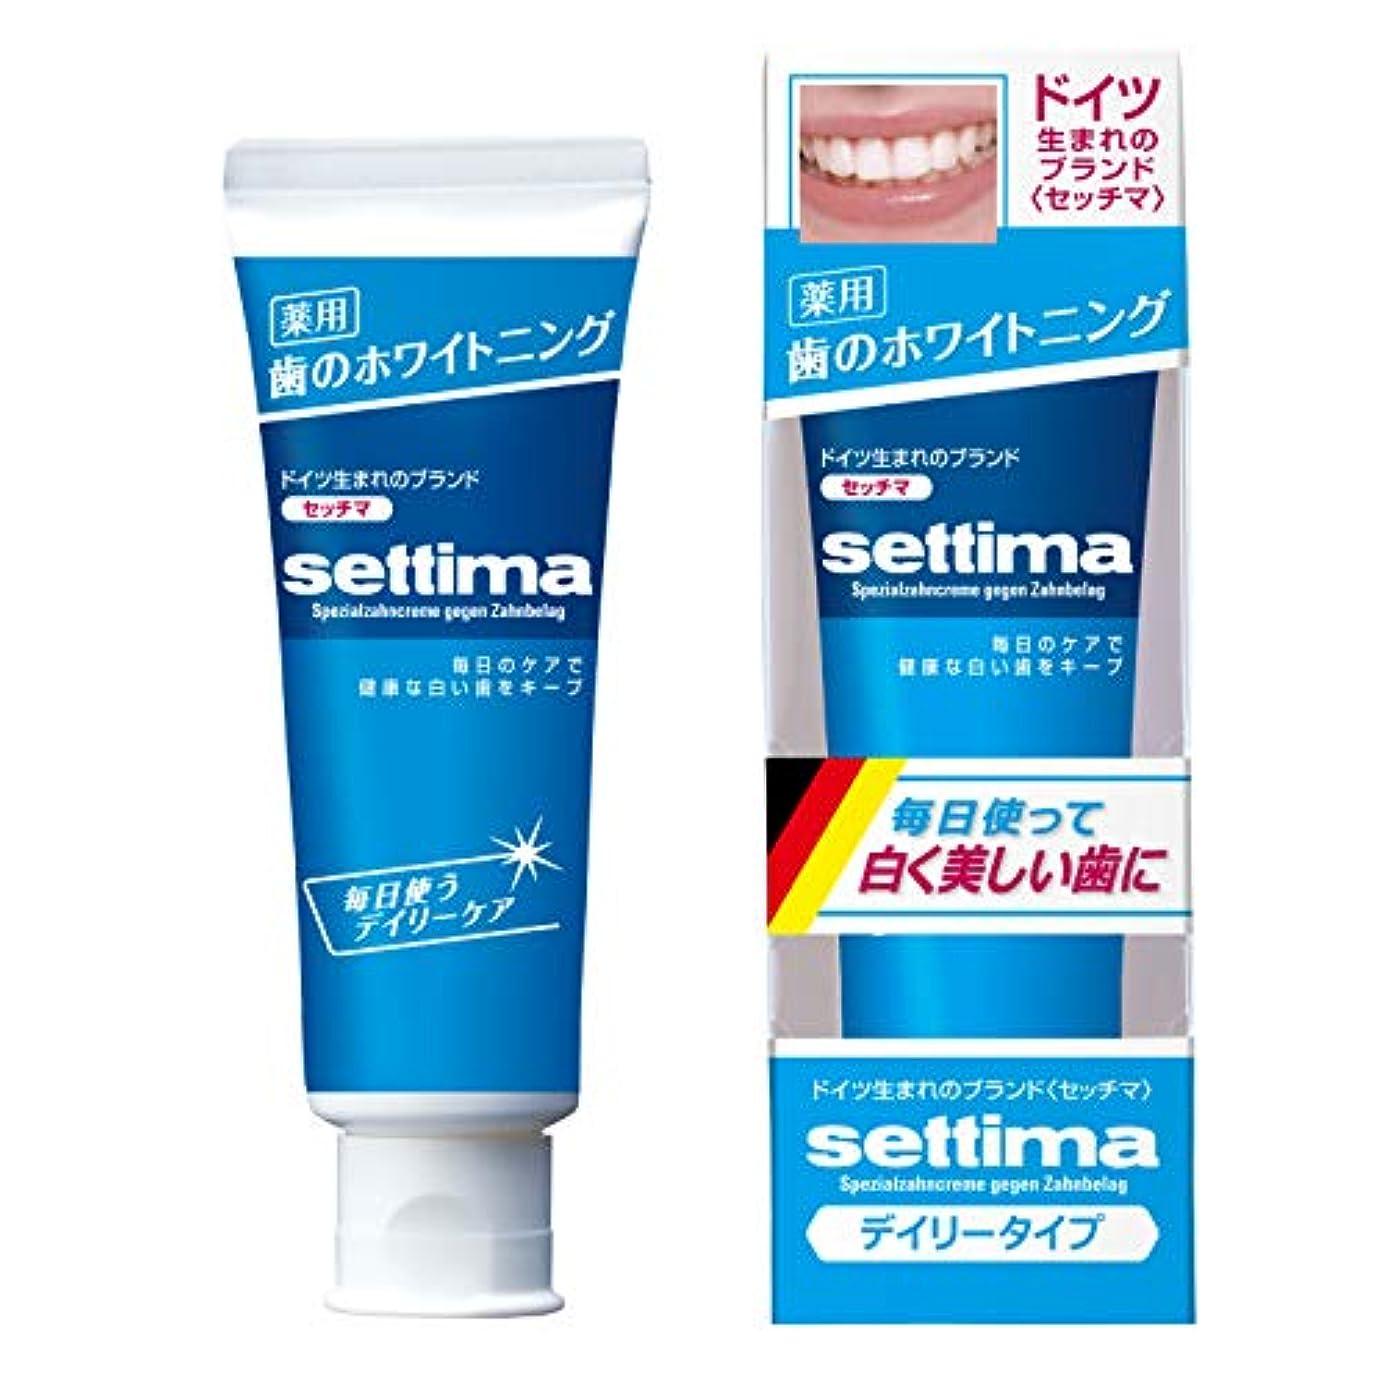 スロー一定揺れるsettima(セッチマ) ホワイトニング 歯みがき デイリーケア [ファインミントタイプ]  80g